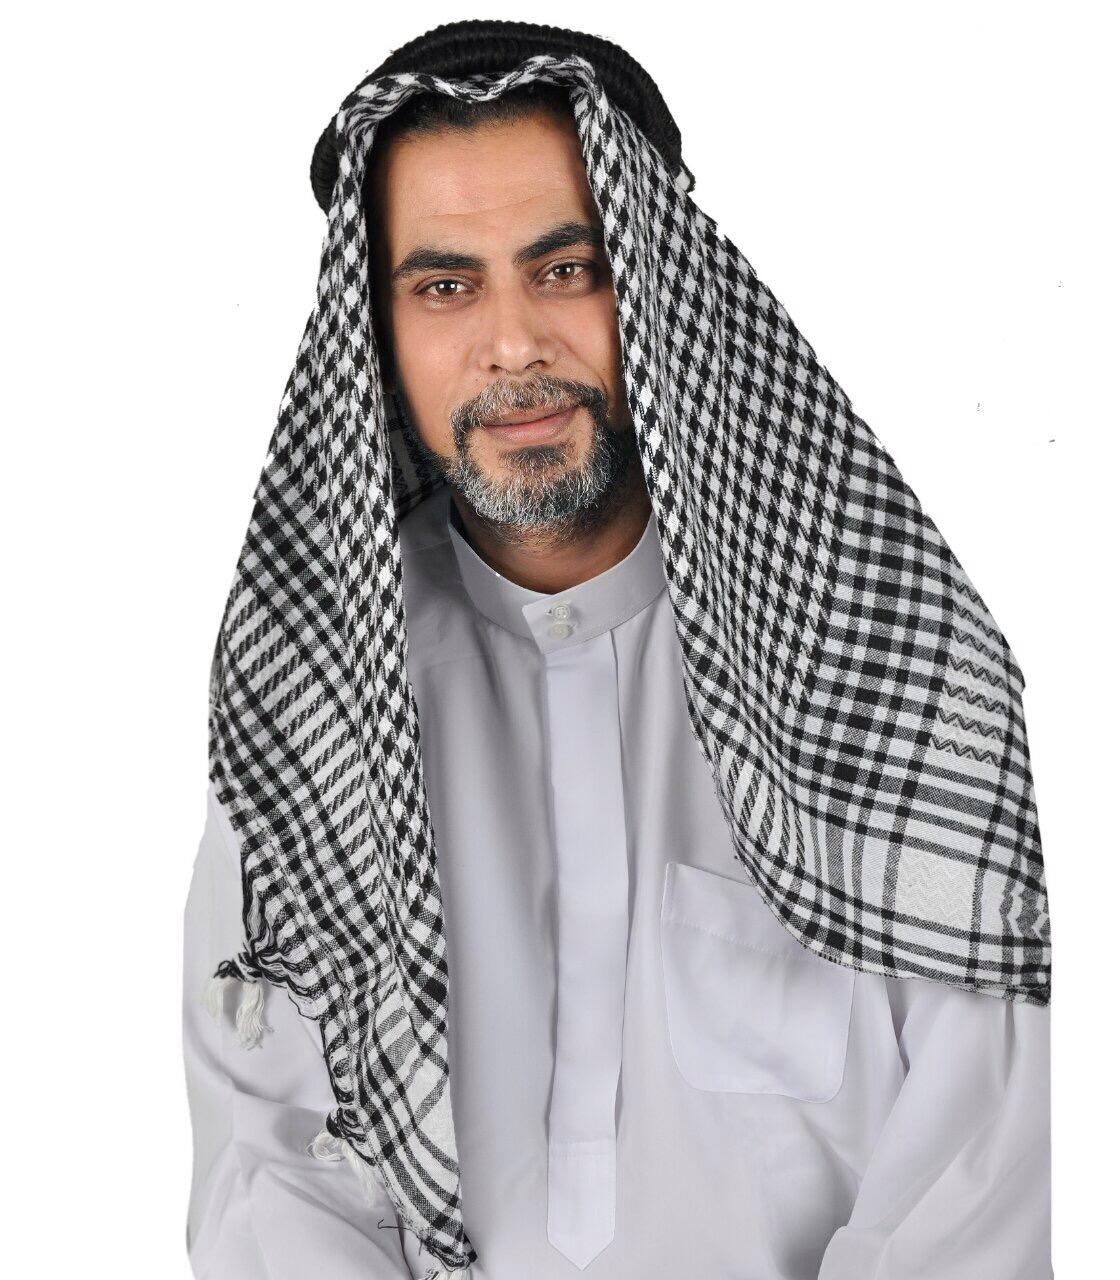 Kopfbedeckung Scheich Arabische Männer Kopfbedeckung Karneval Fasching